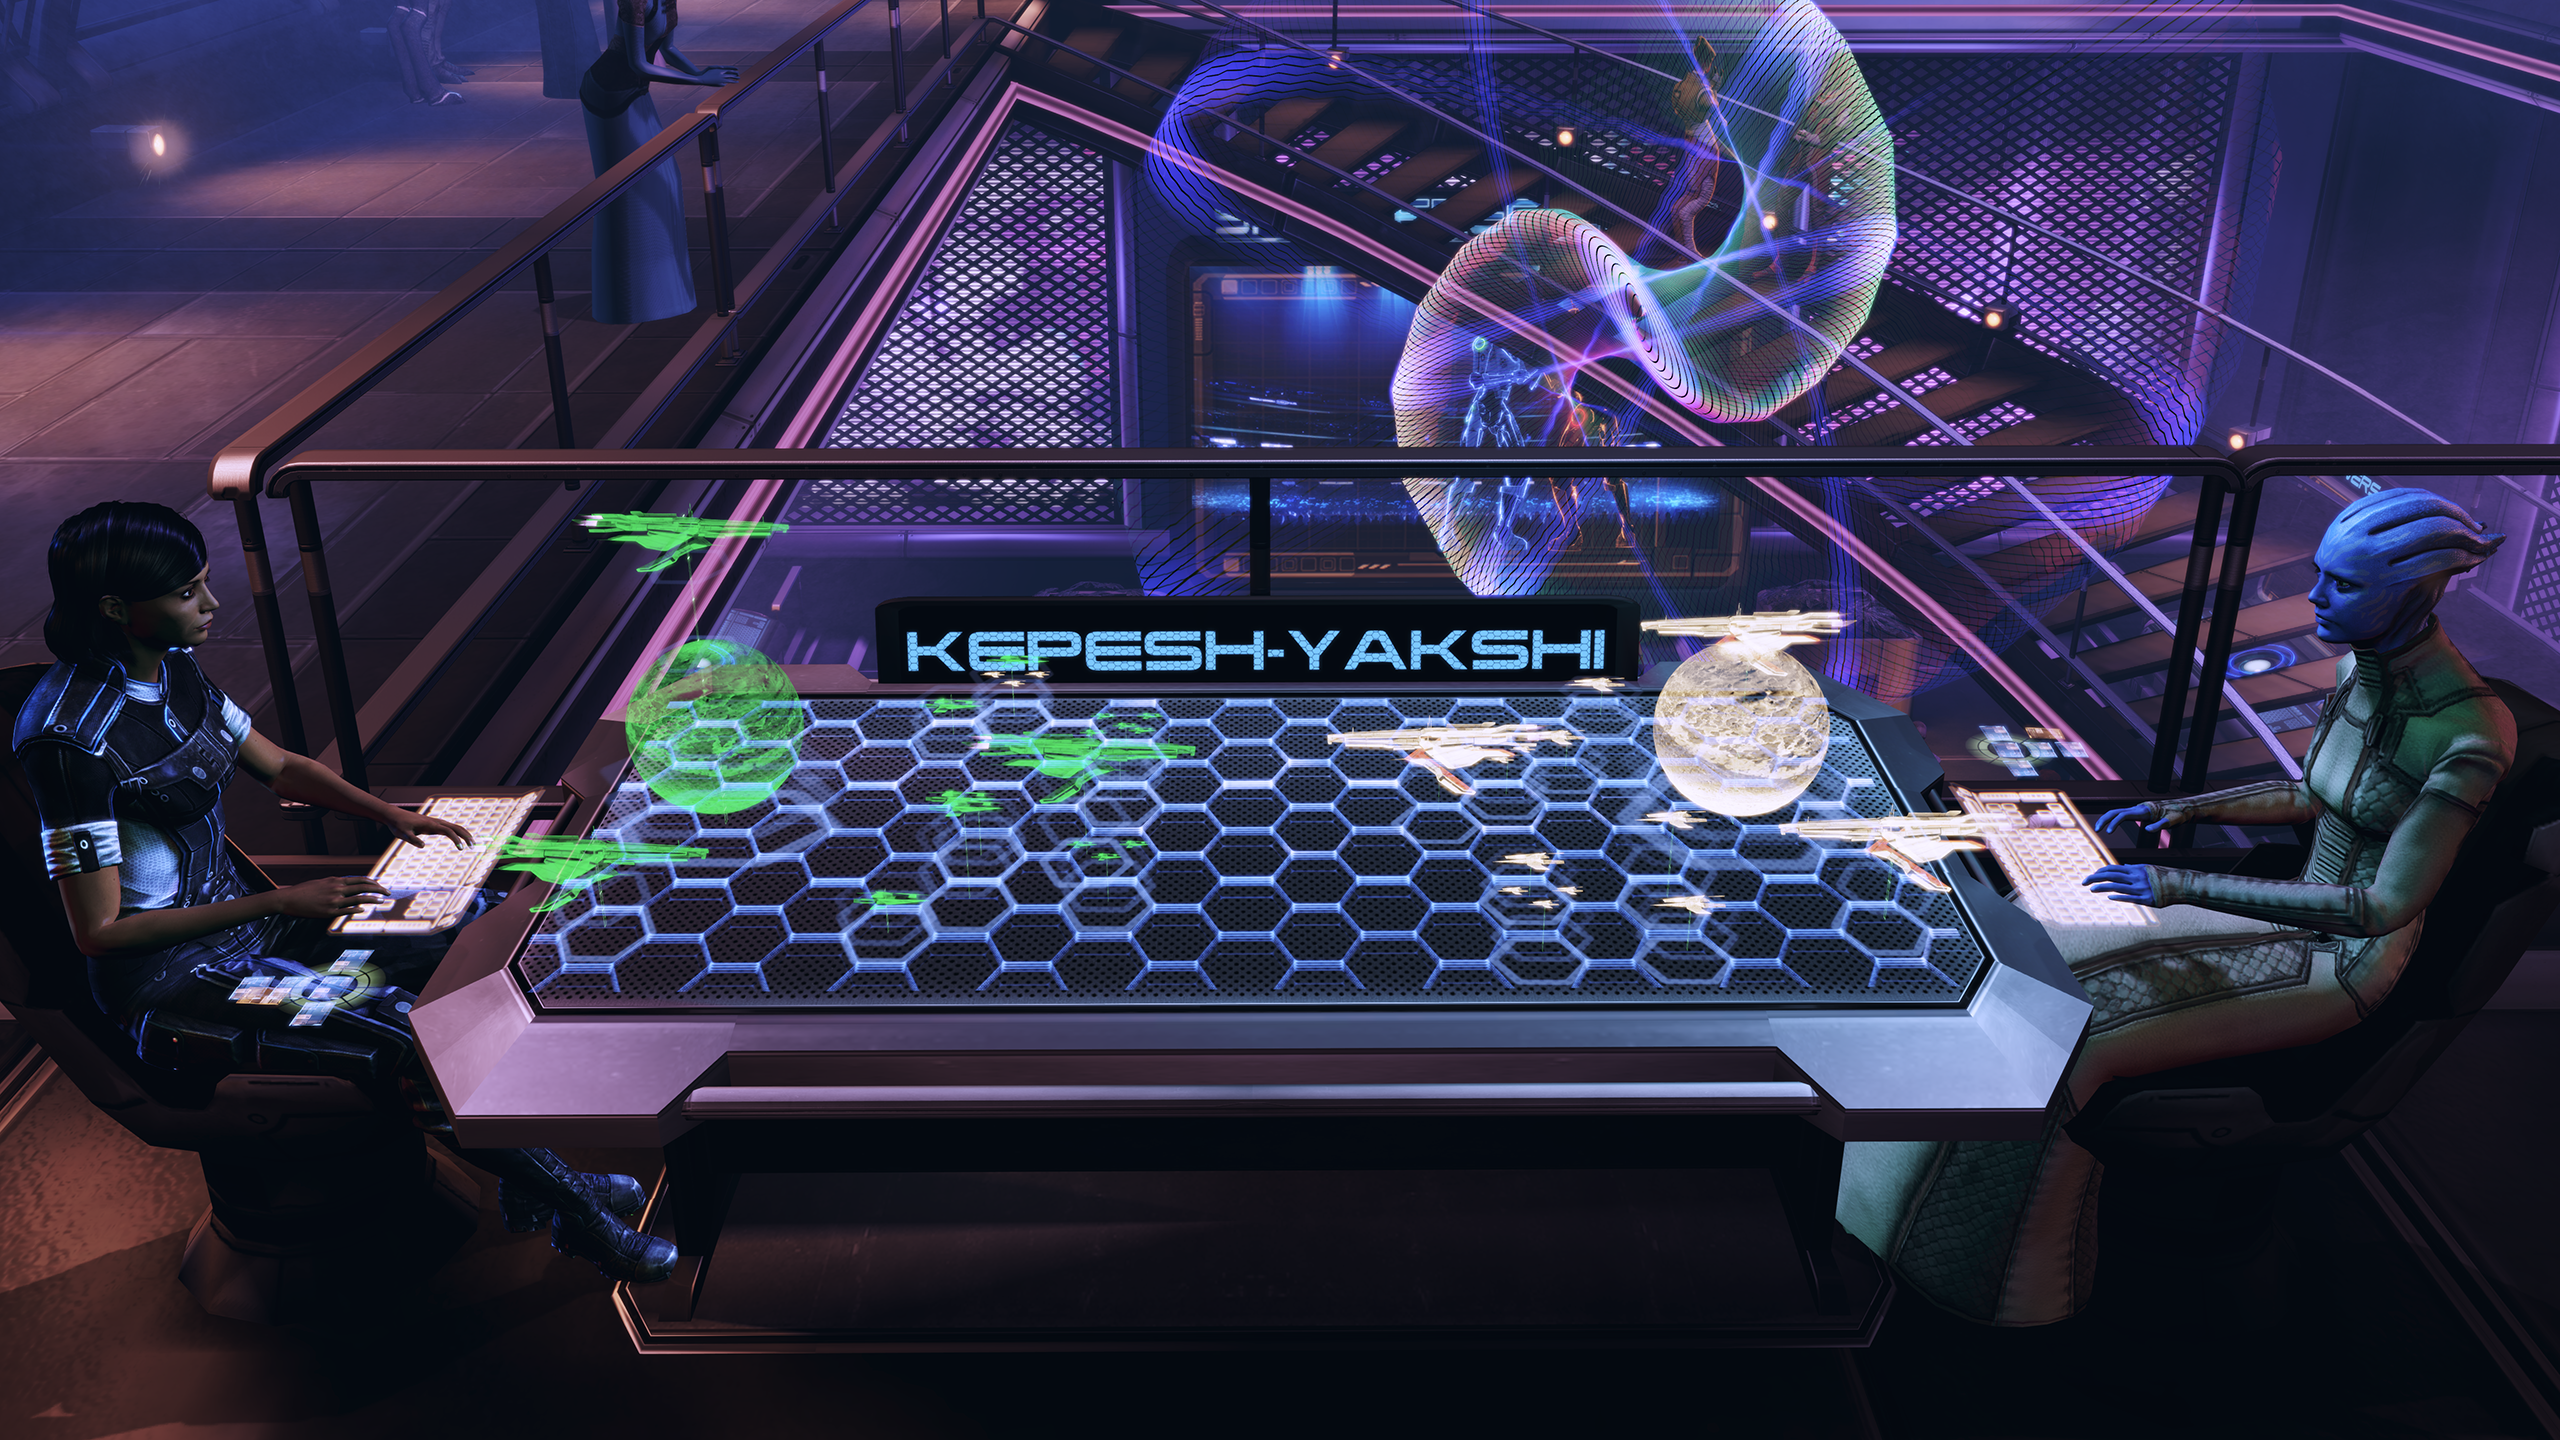 Kepesh-yakshi.png